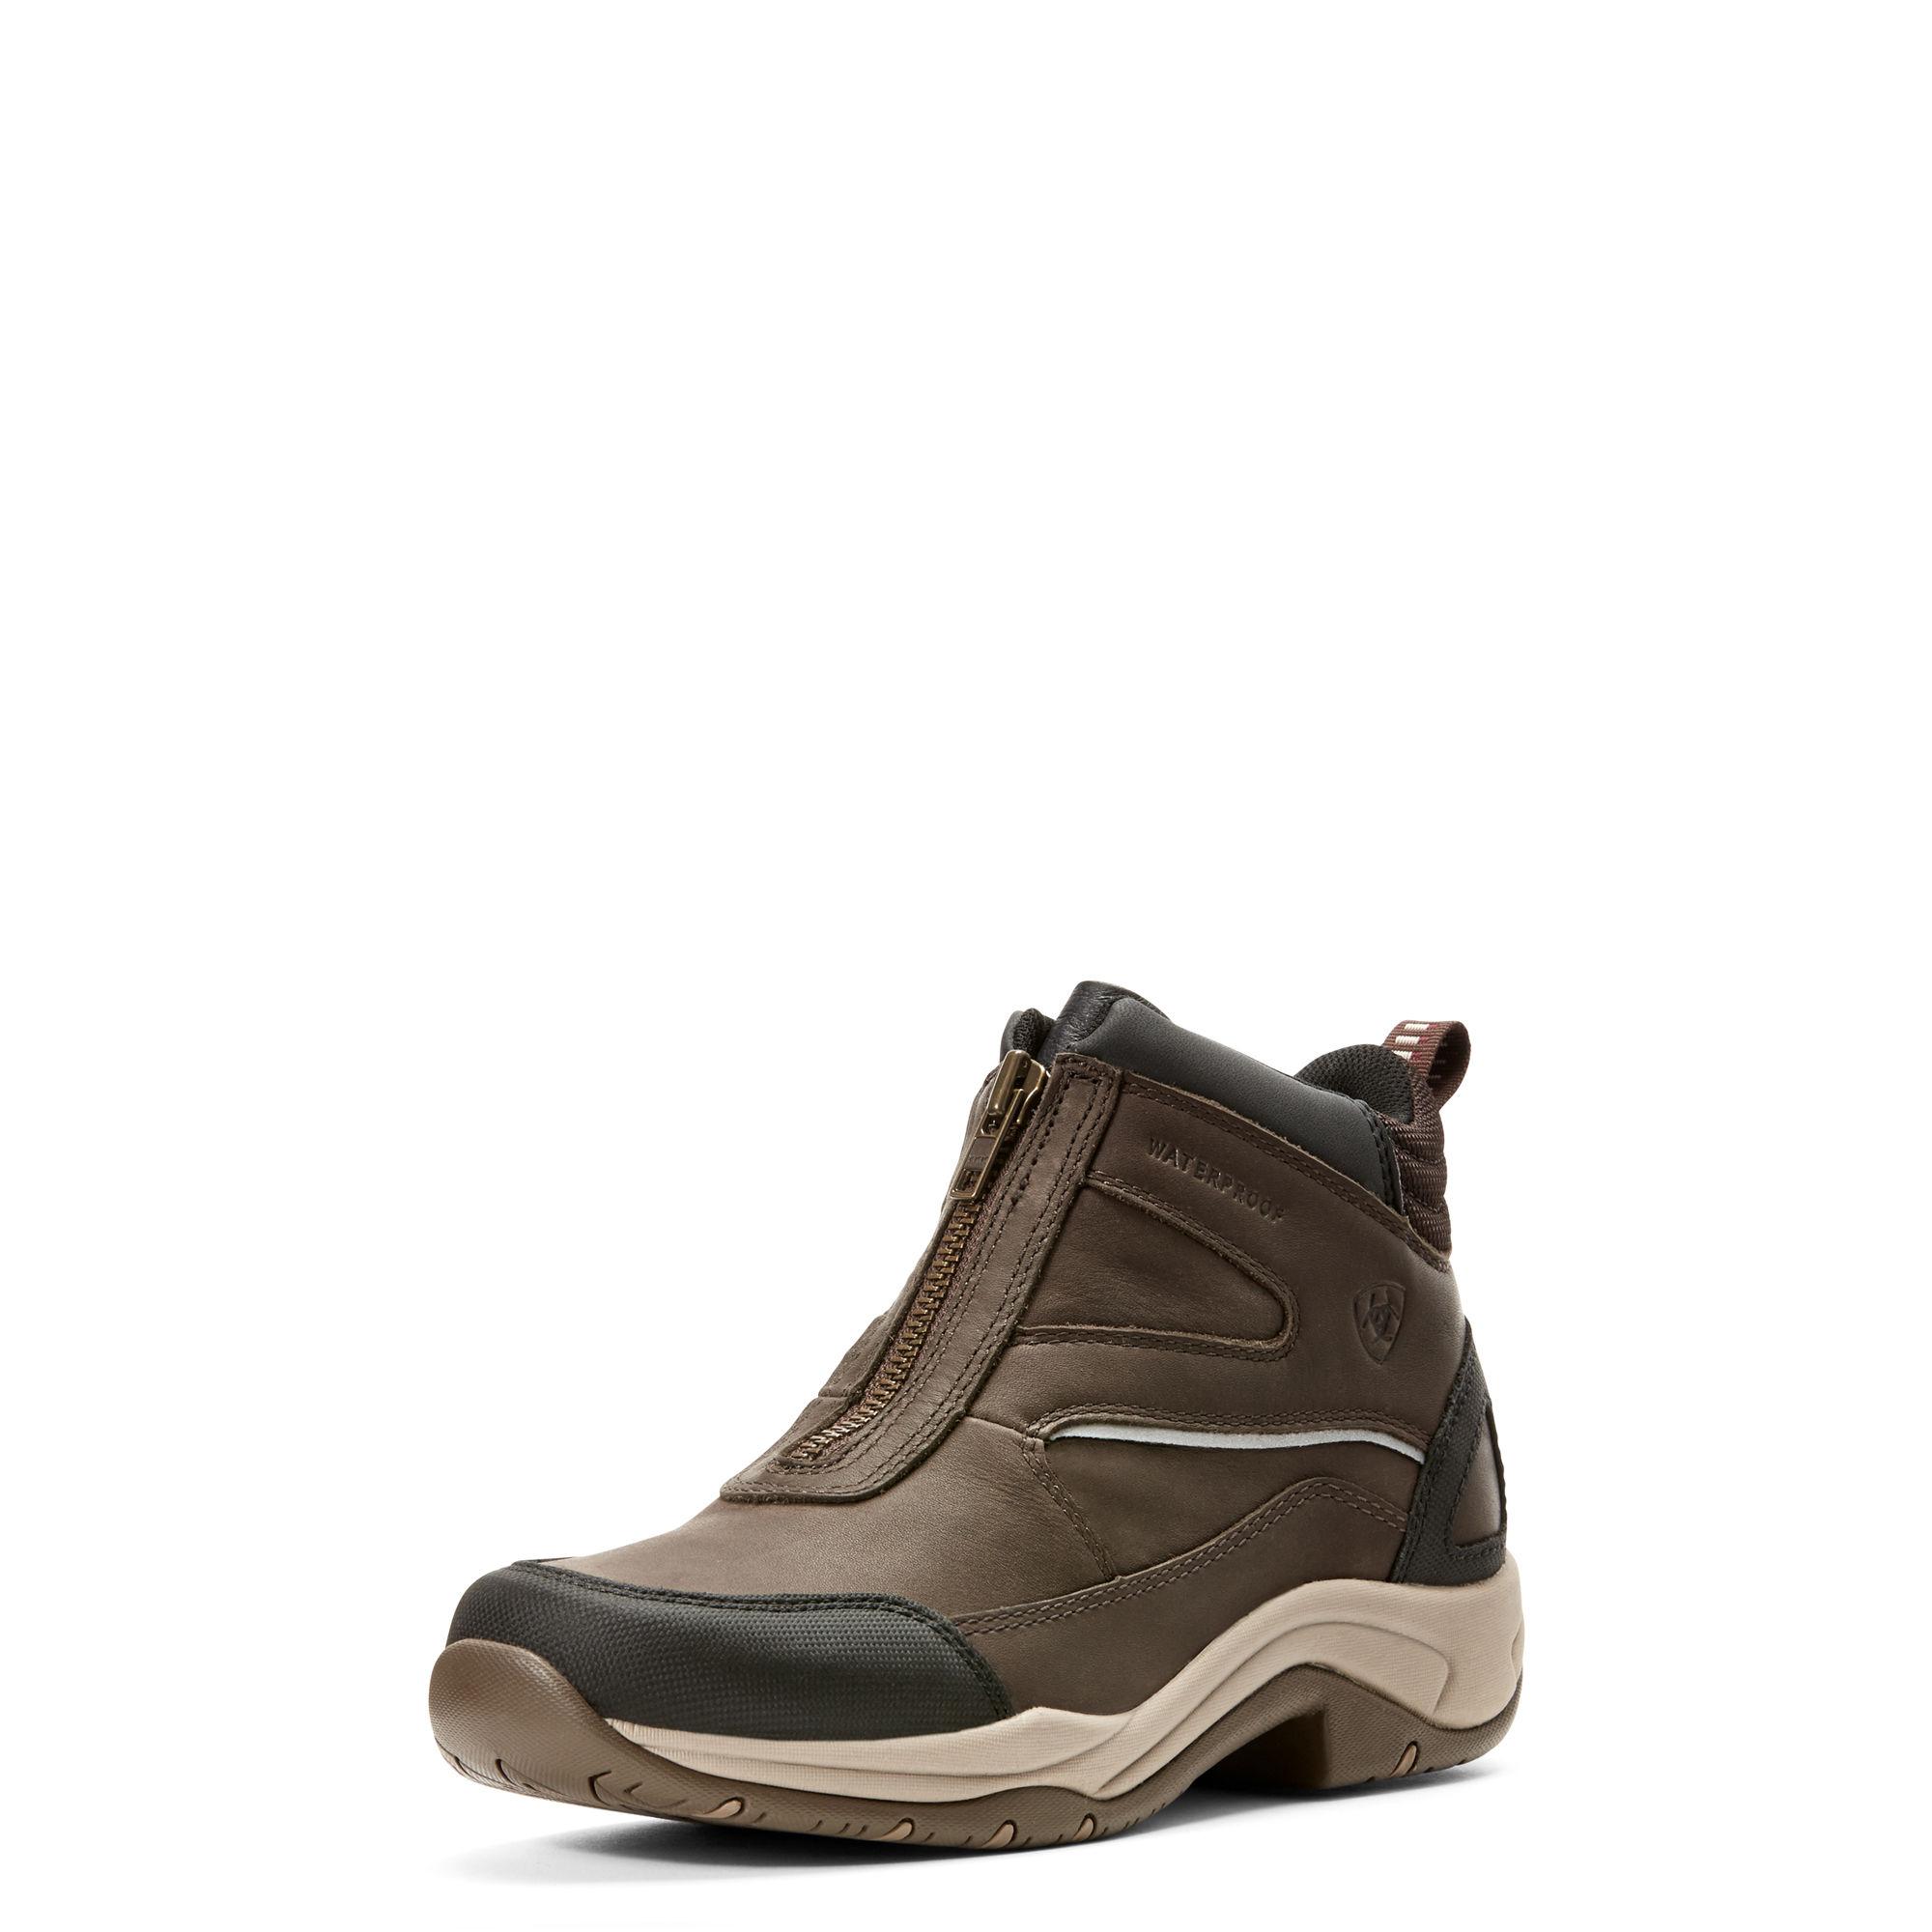 Ariat Telluride Zip H2O donkerbruin maat:40 - Paardrijlaarzen en Schoenen